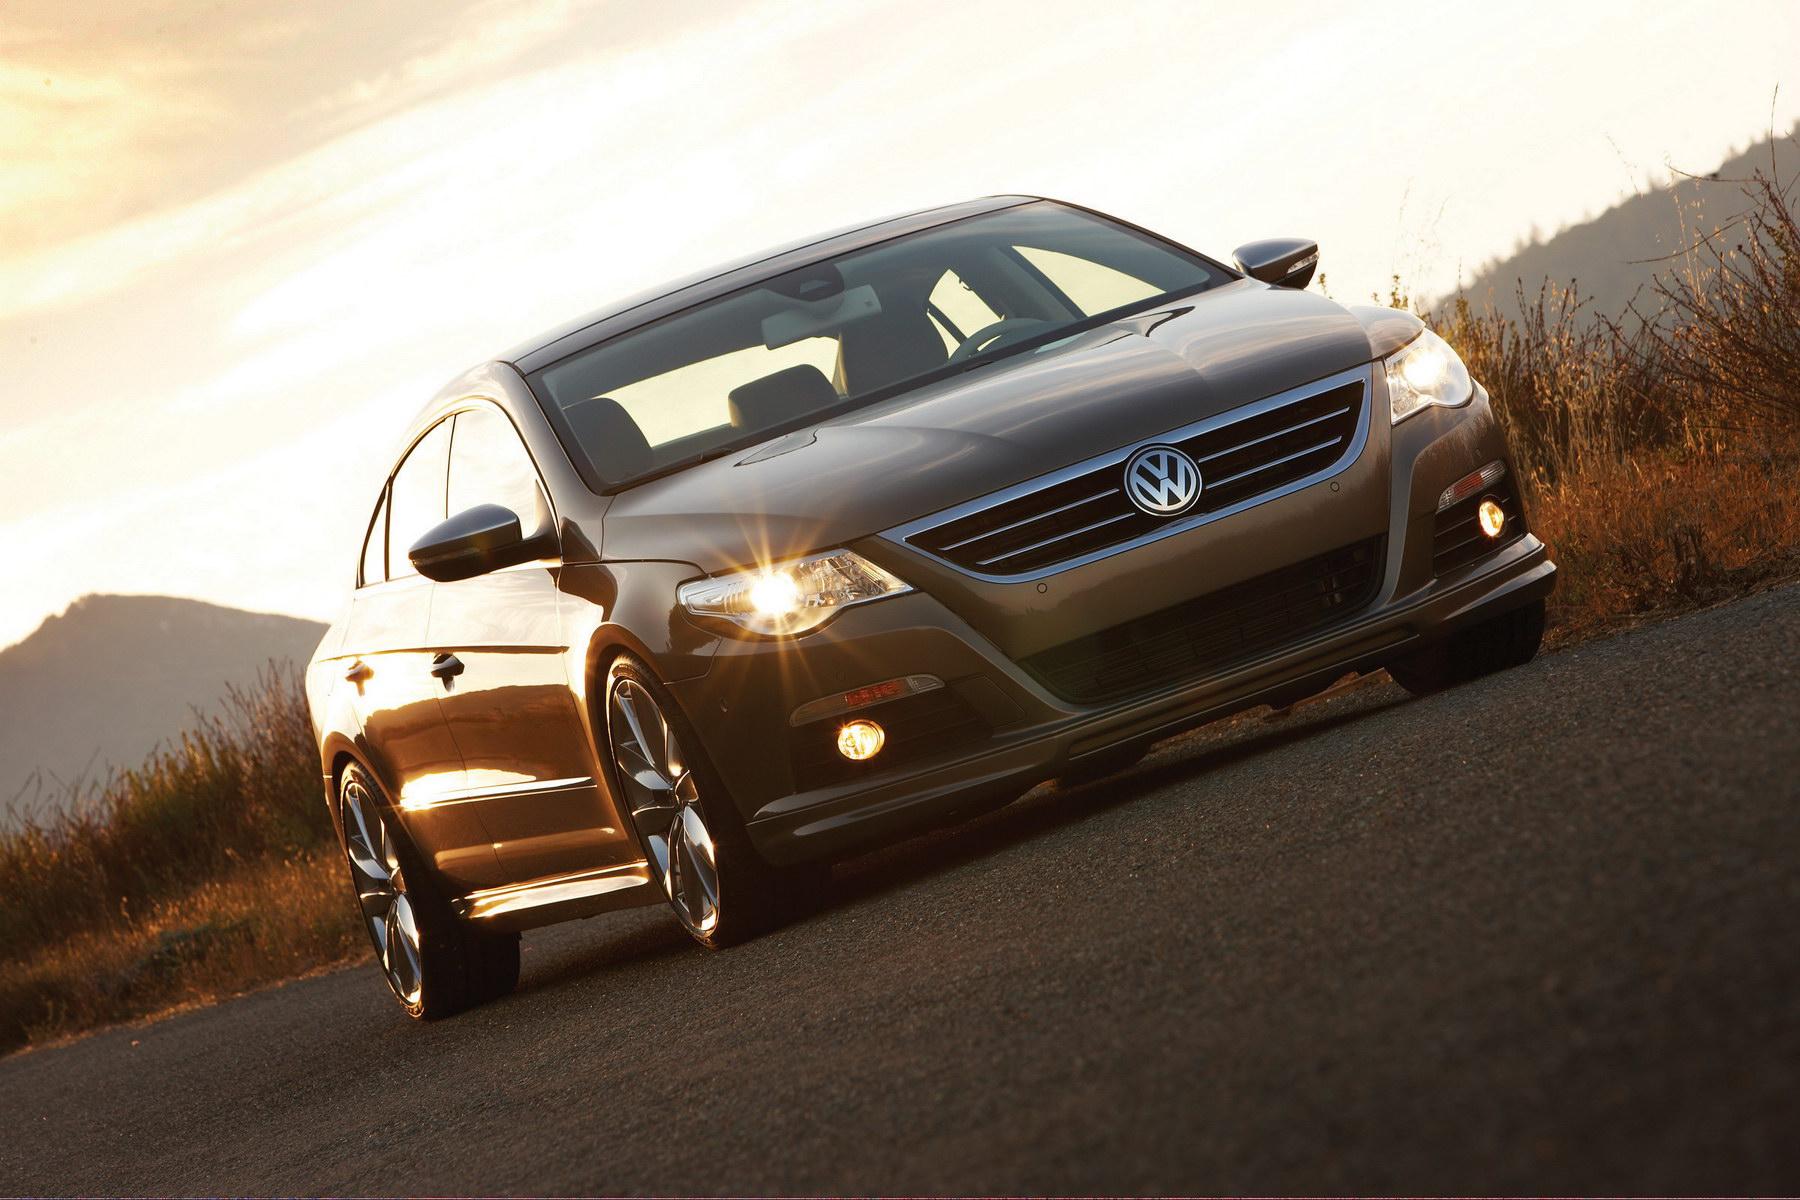 http://www.forumpassat.fr/uploads/20_volkswagen-cc-gold-coast-hr-04.jpg